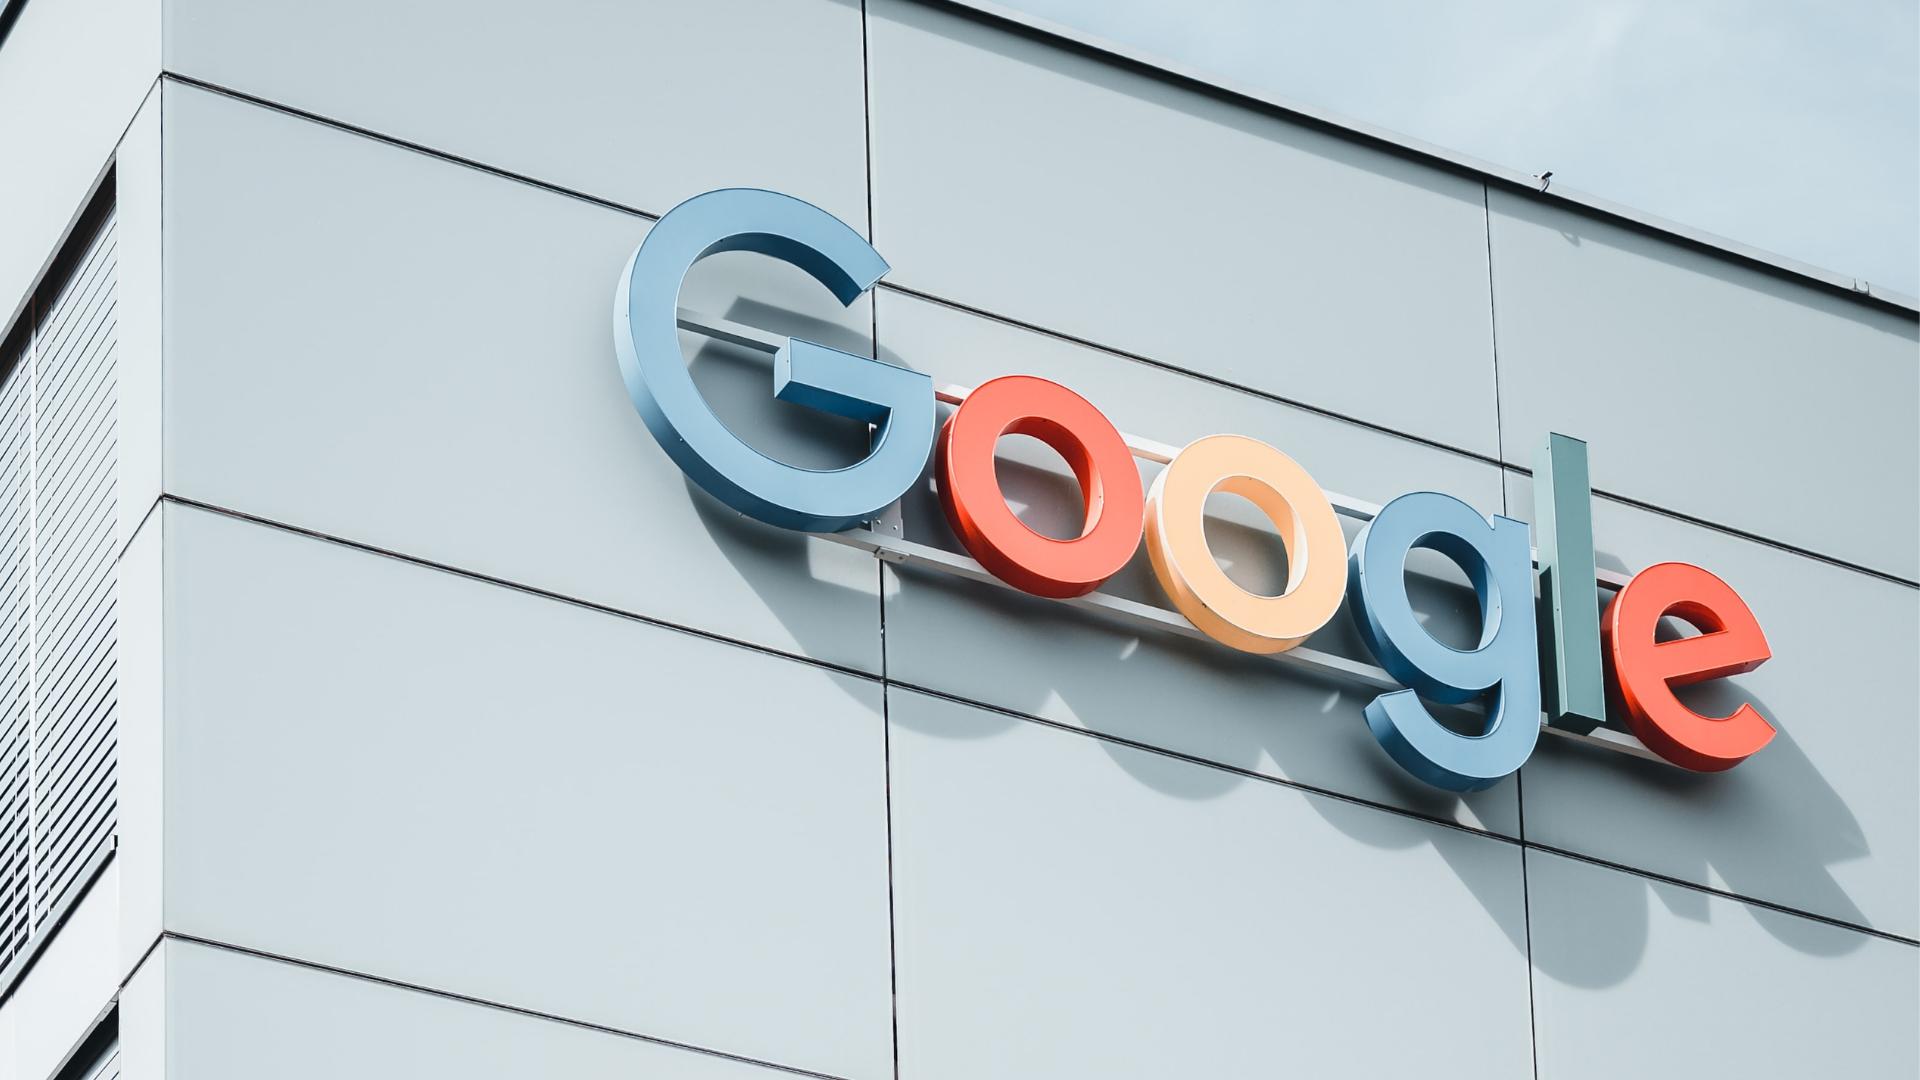 Google muda política global de anúncios após multa de US$ 268 milhões   Legislação